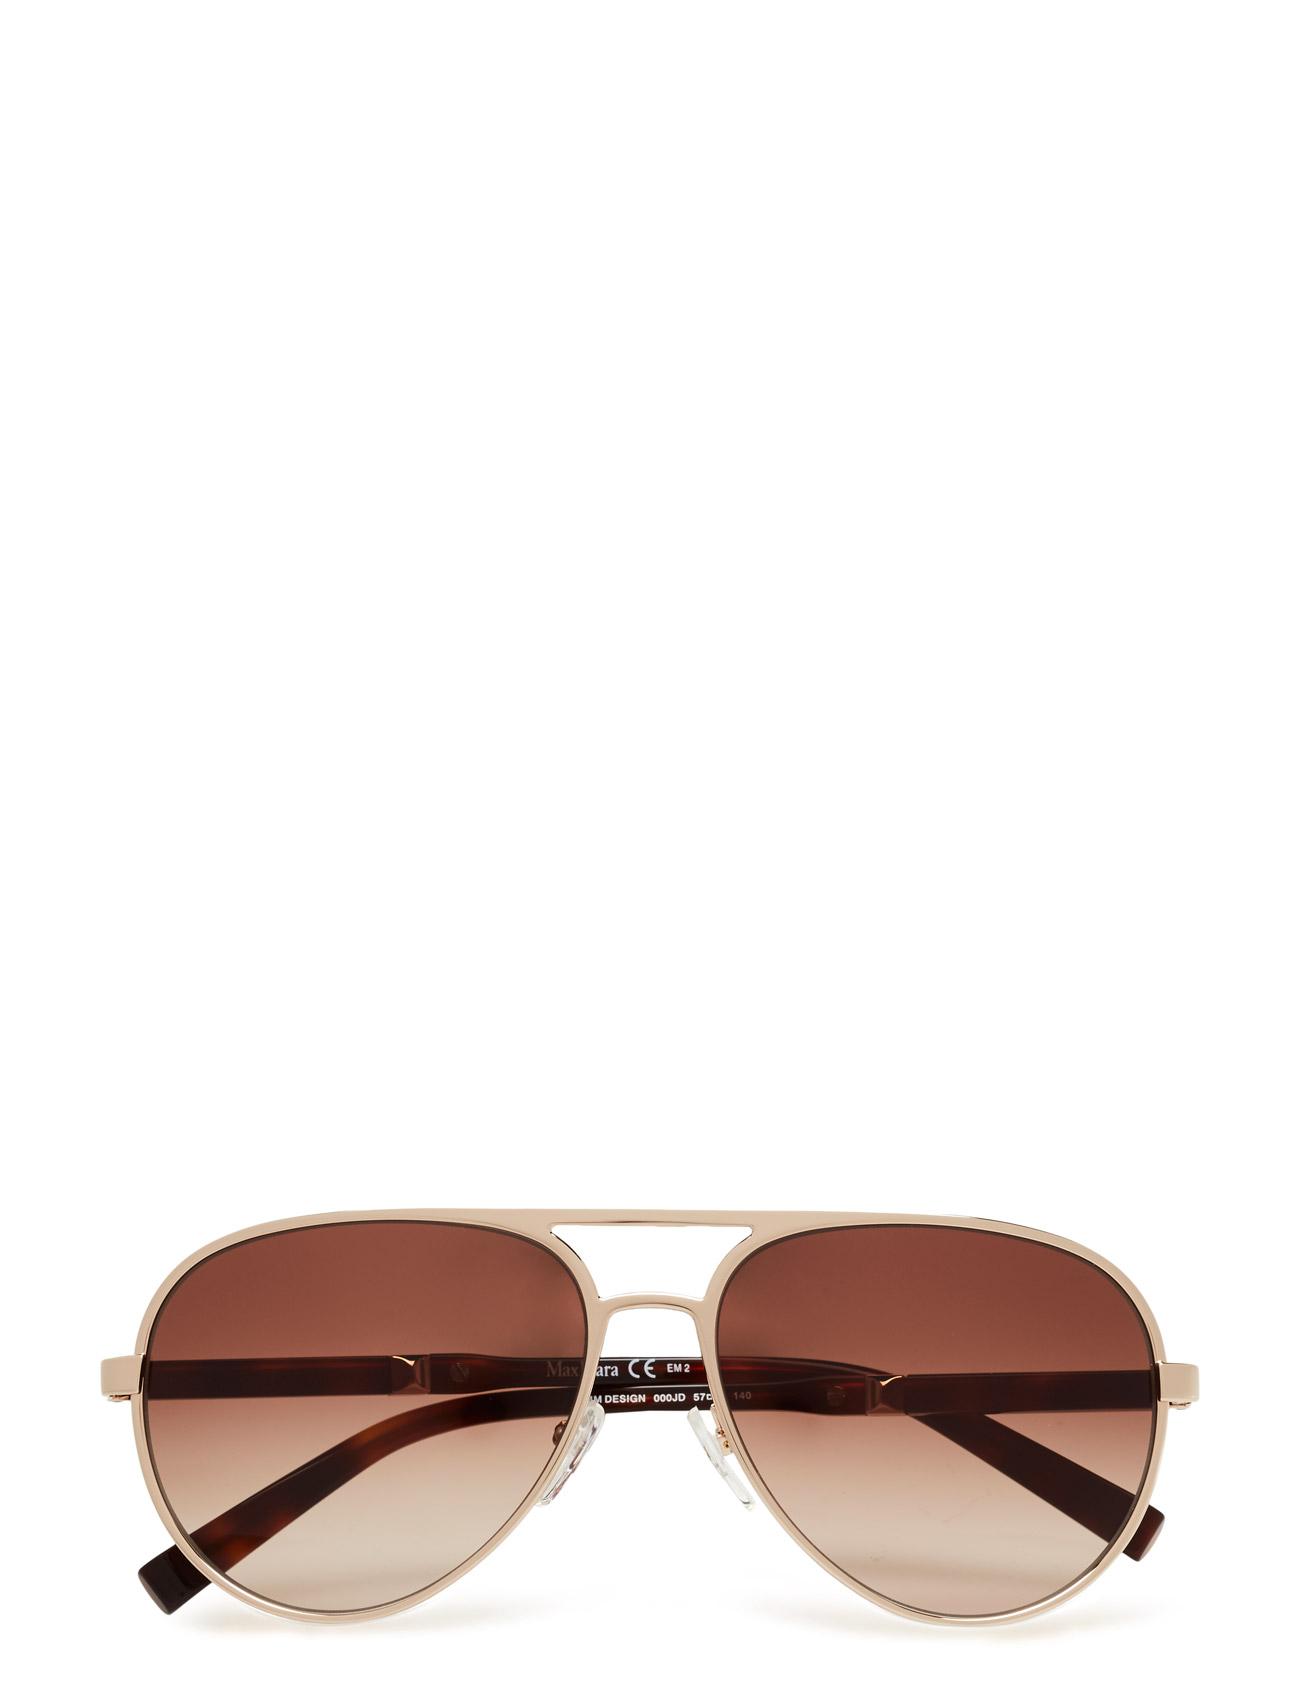 Mm Design MAXMARA Sunglasses Solbriller til Damer i